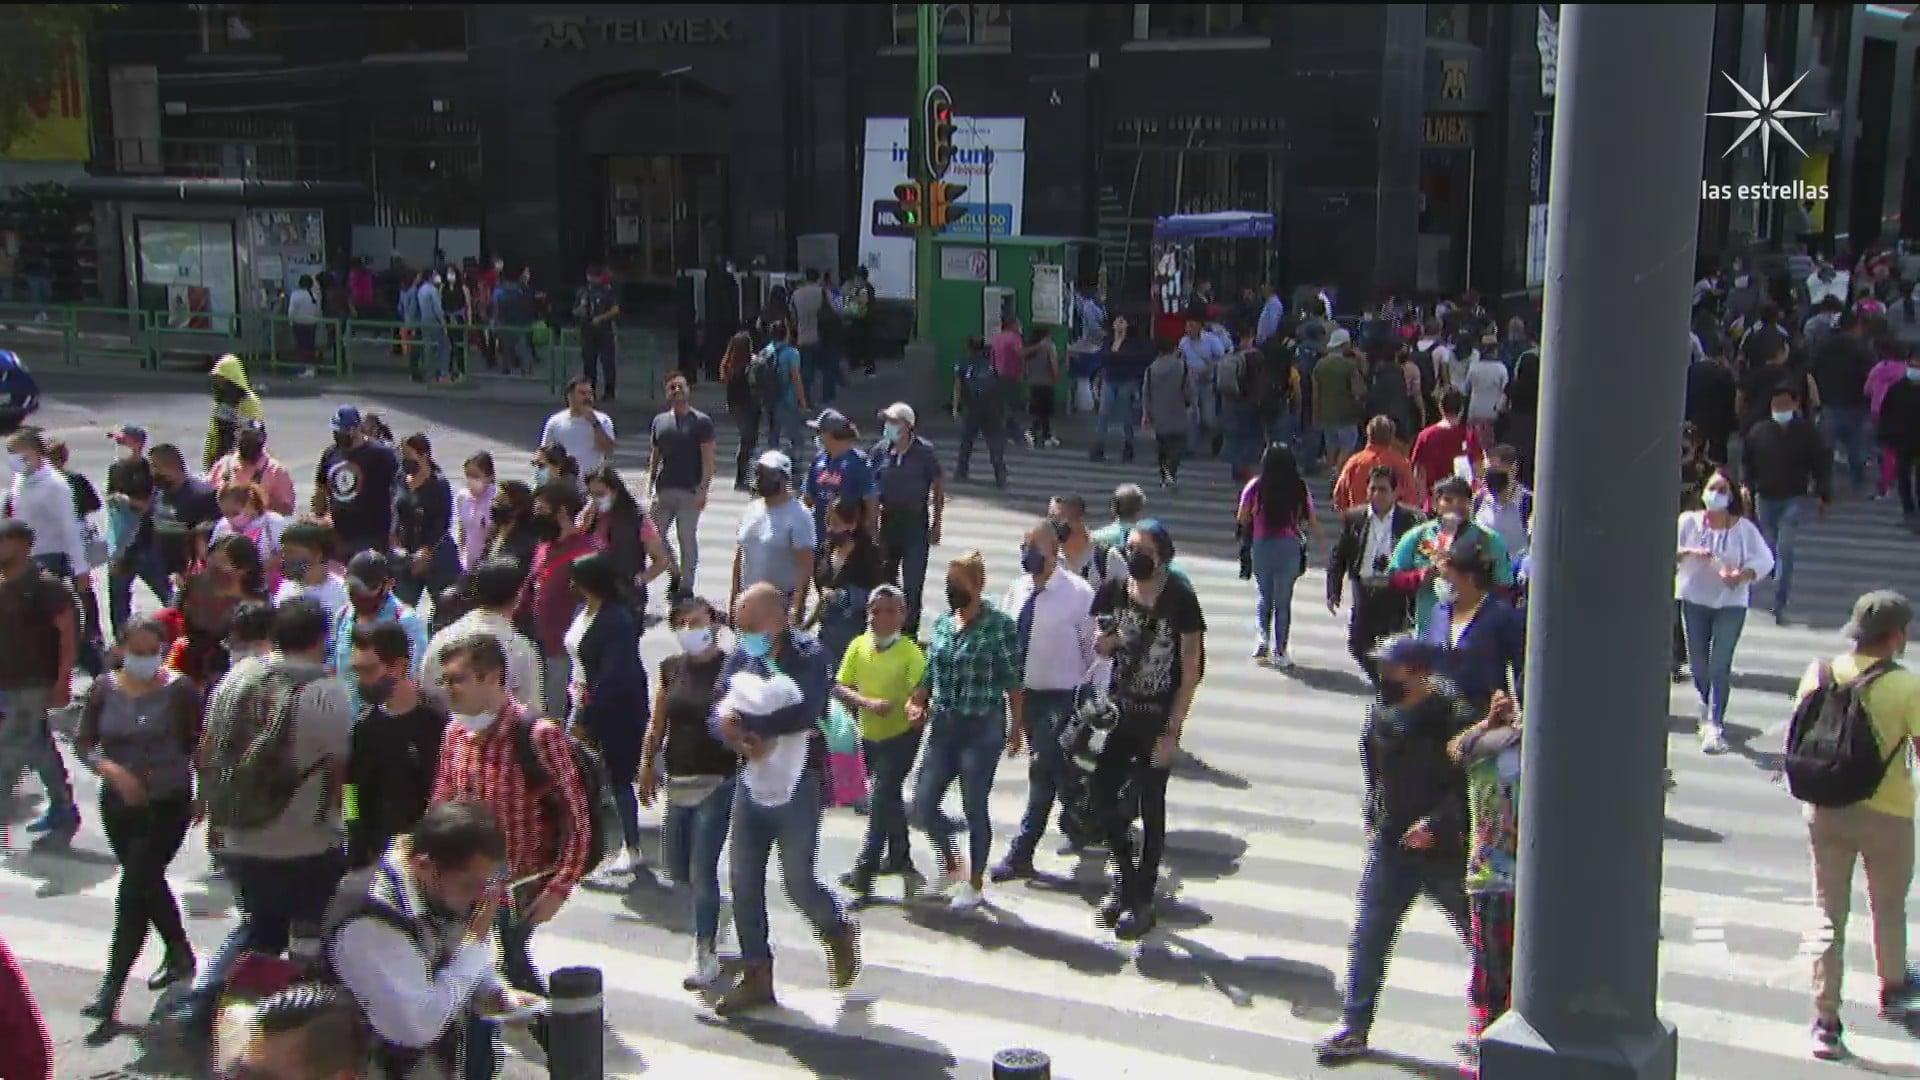 semaforo verde en el valle de mexico da paso a las multitudes y aforos completos